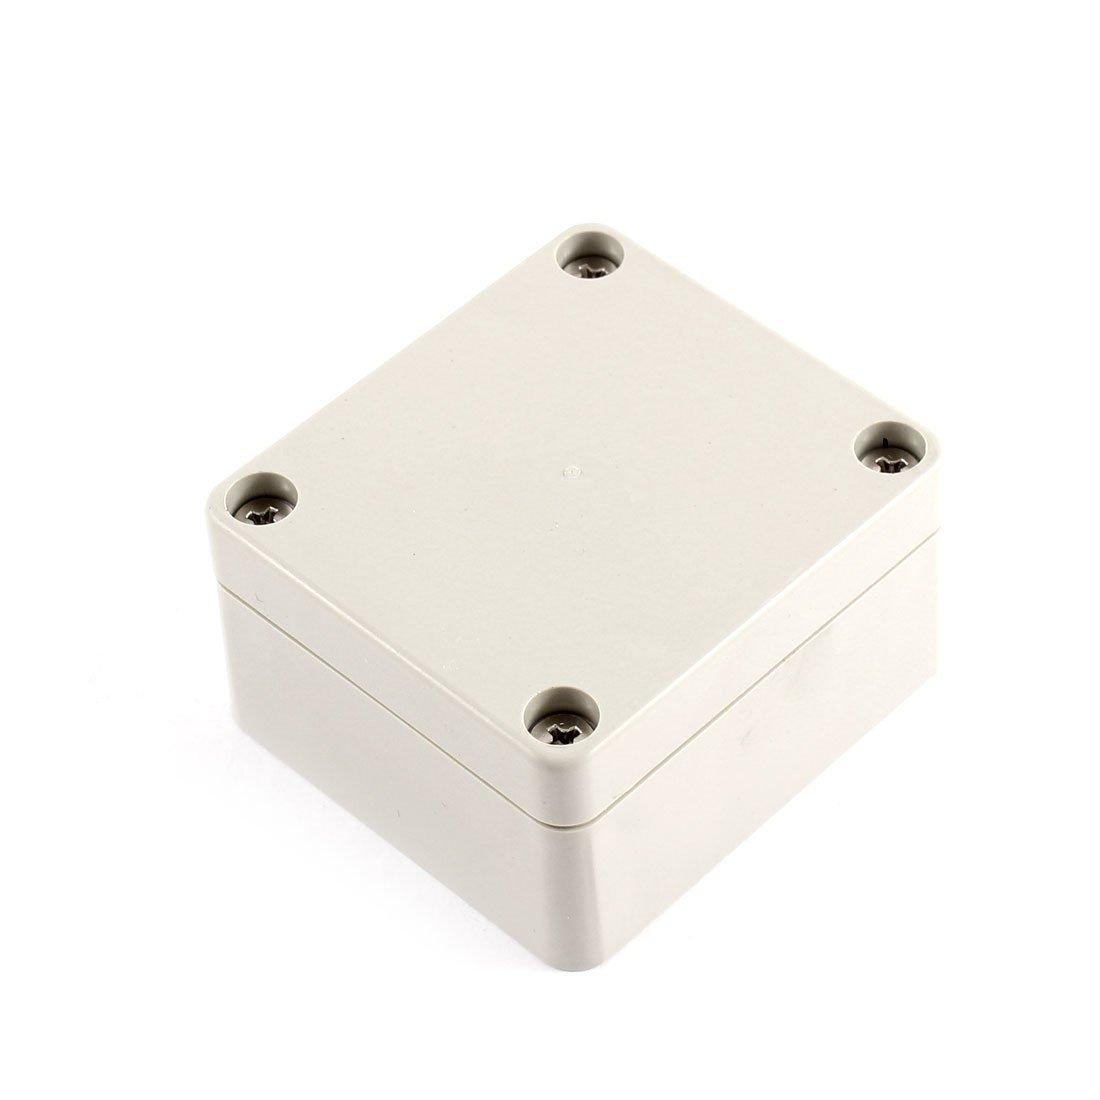 Sourcingmap® 63x 58x 35mm Plastique étanche boîtier Coque Petit projet de boîte a15071600ux0698